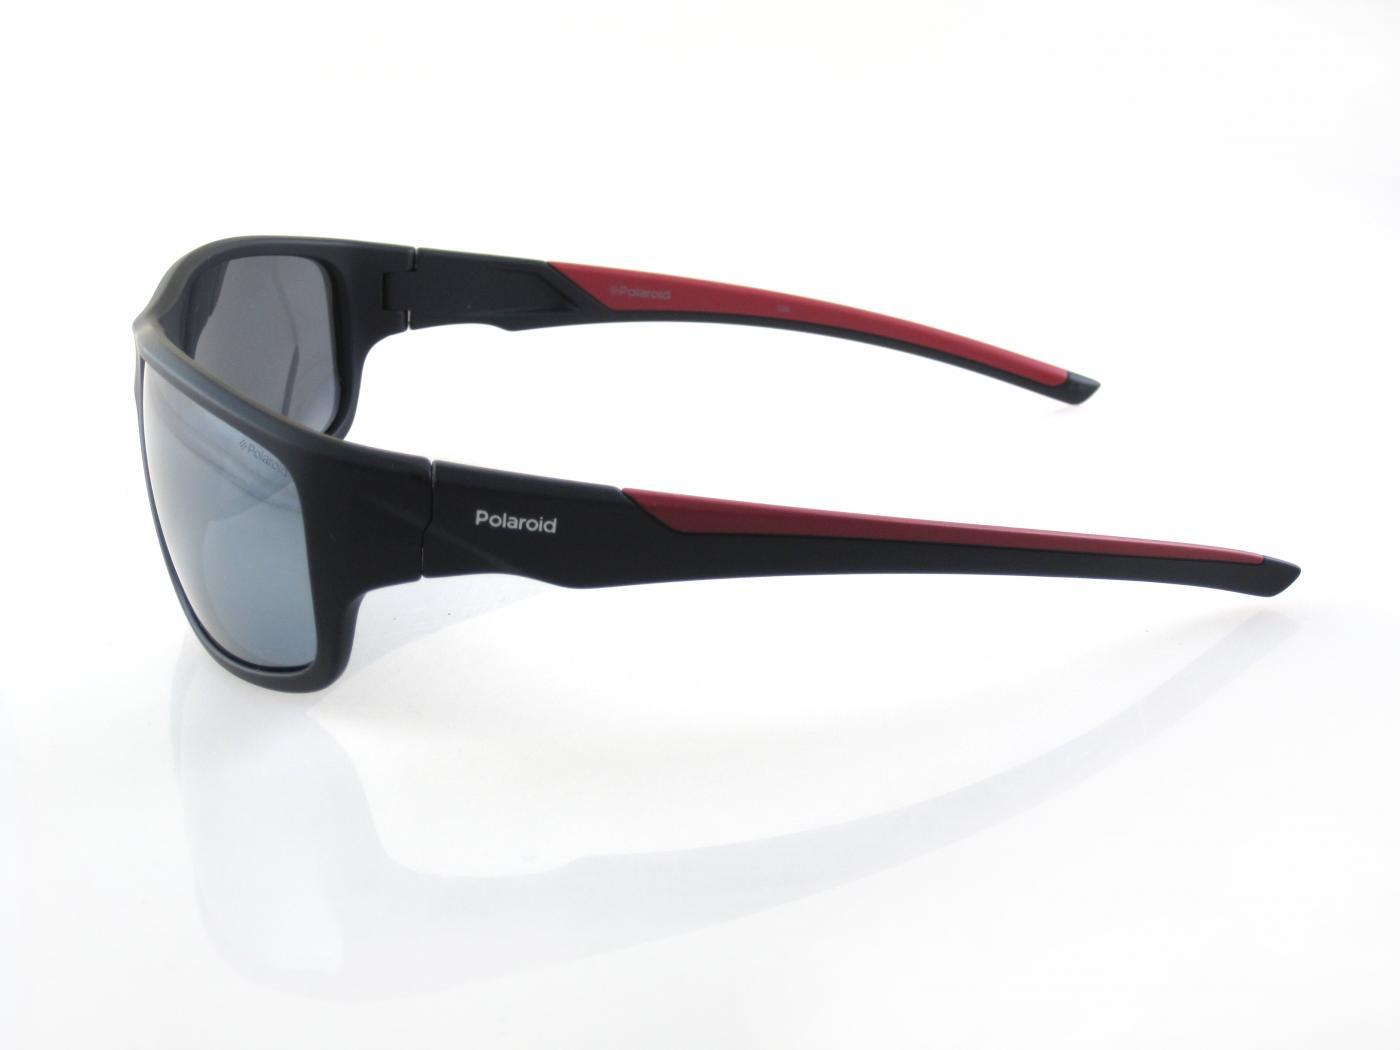 77853f35e Pánske slnečné okuliare Polaroid | oftalens.sk